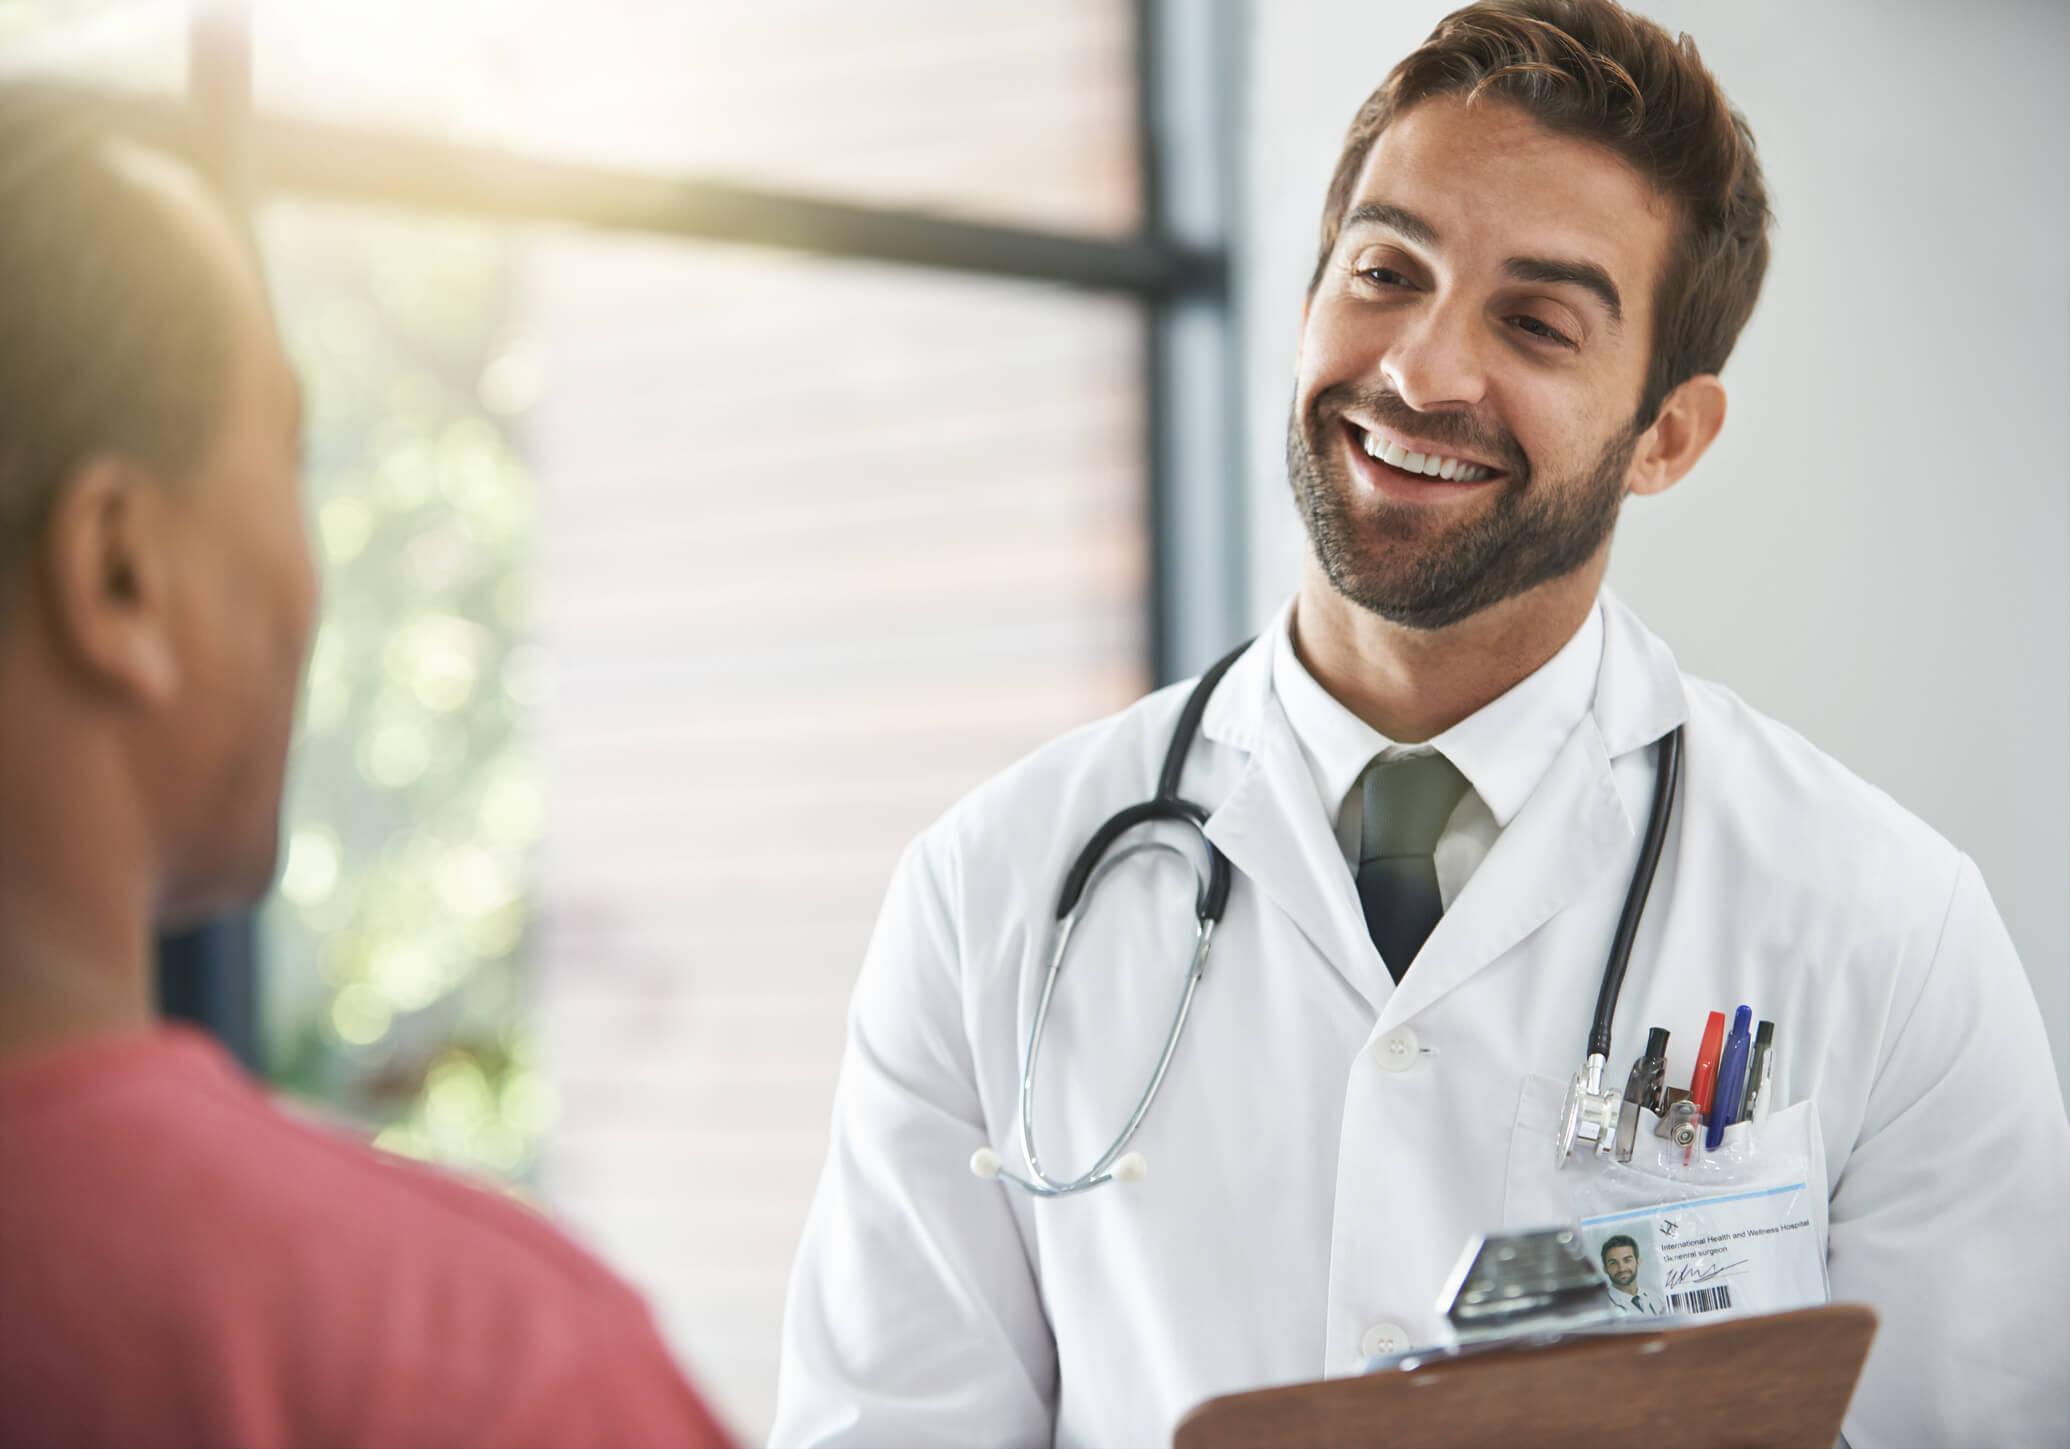 Você sabe o que significa atendimento humanizado? Descubra mais sobre esse conceito importante para a área da saúde!